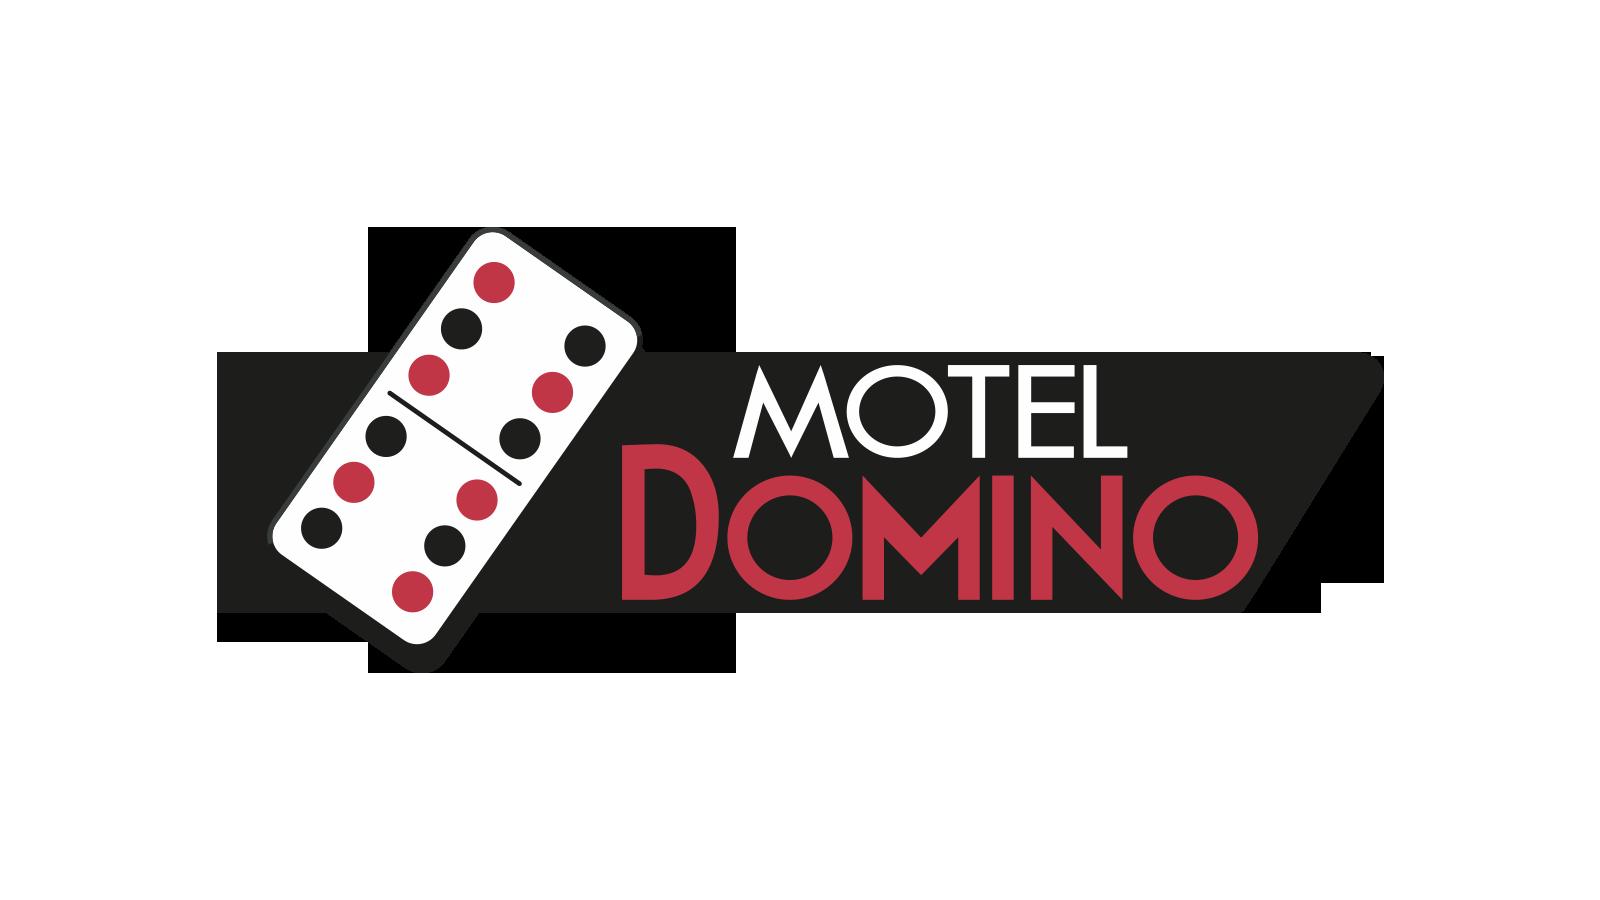 MotelDomino.png